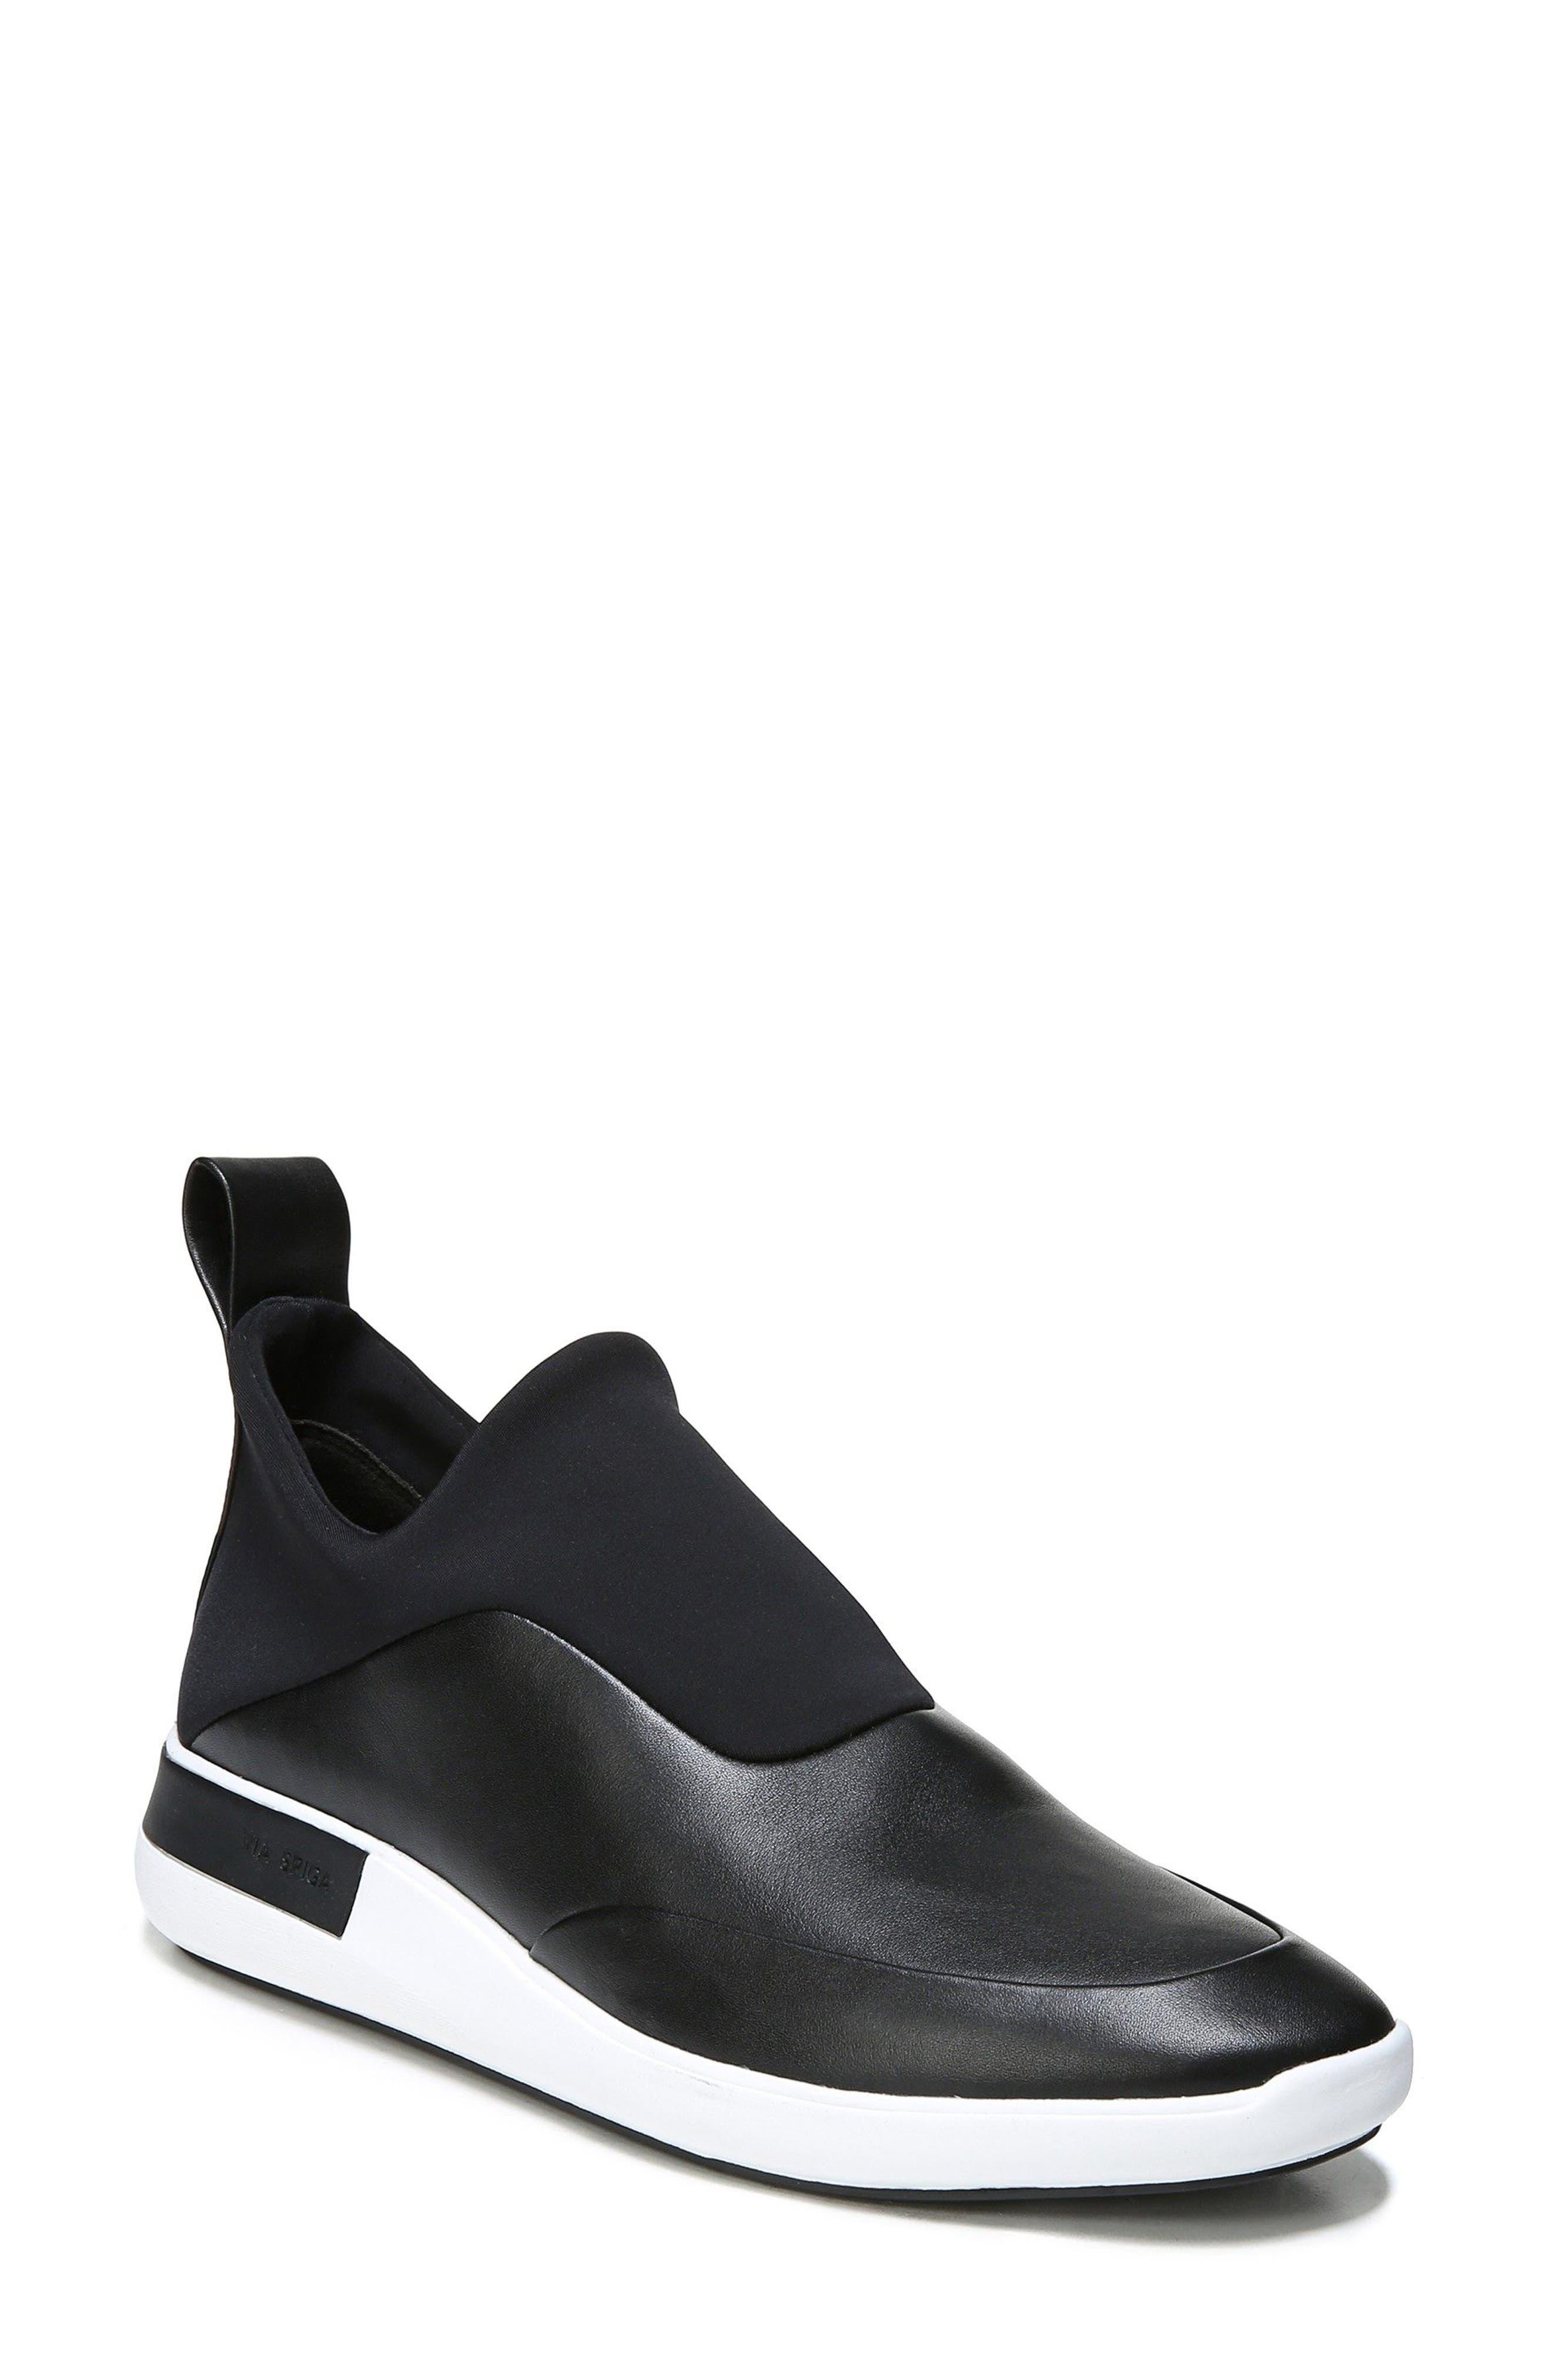 Mercer Slip-On Sneaker,                             Main thumbnail 1, color,                             Black Leather